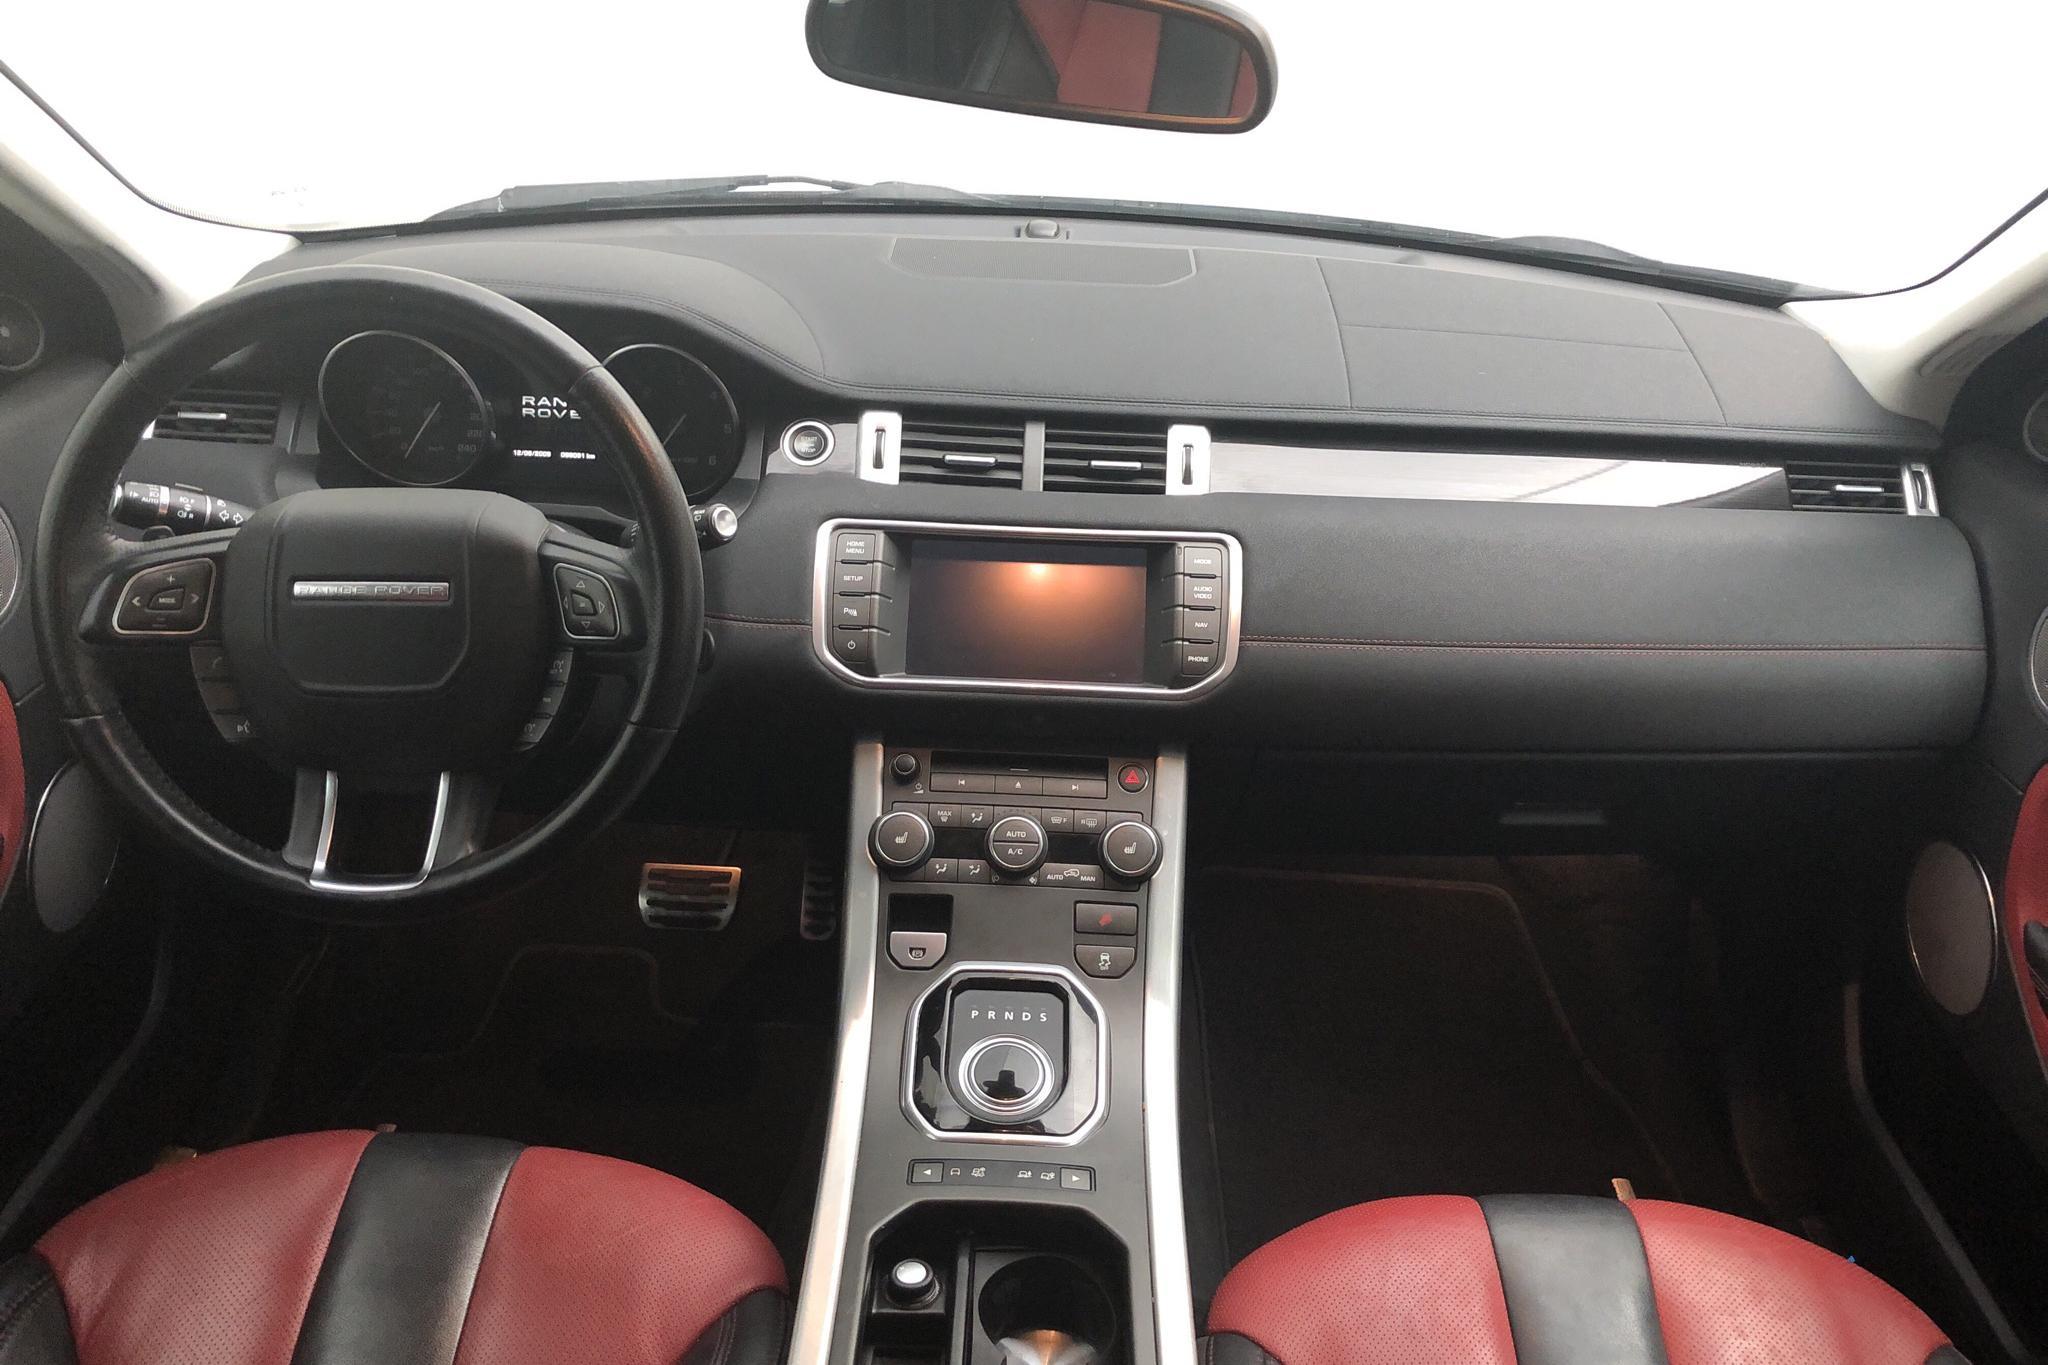 Land Rover Range Rover Evoque 2.2 SD4 5dr (190hk) - 9 809 mil - Automat - vit - 2013